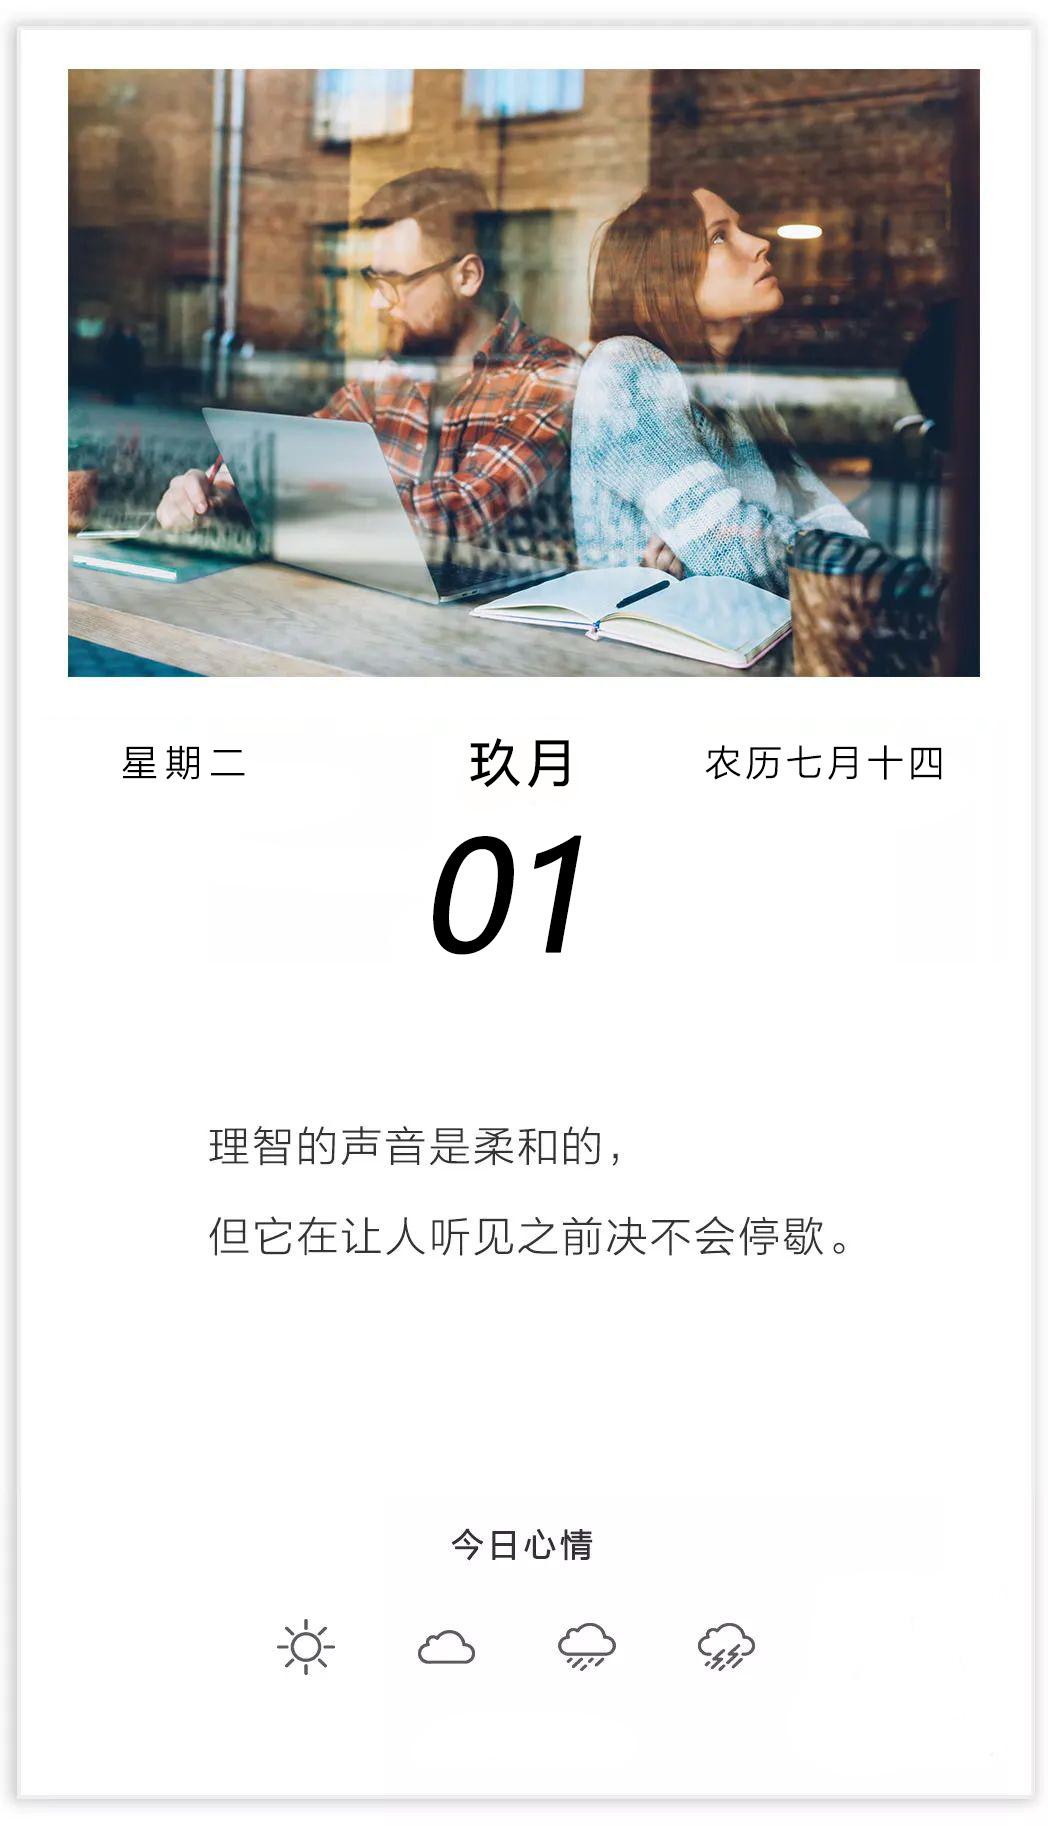 九月你好海报配图图片简单加字,9月朋友圈问候心情说说带图